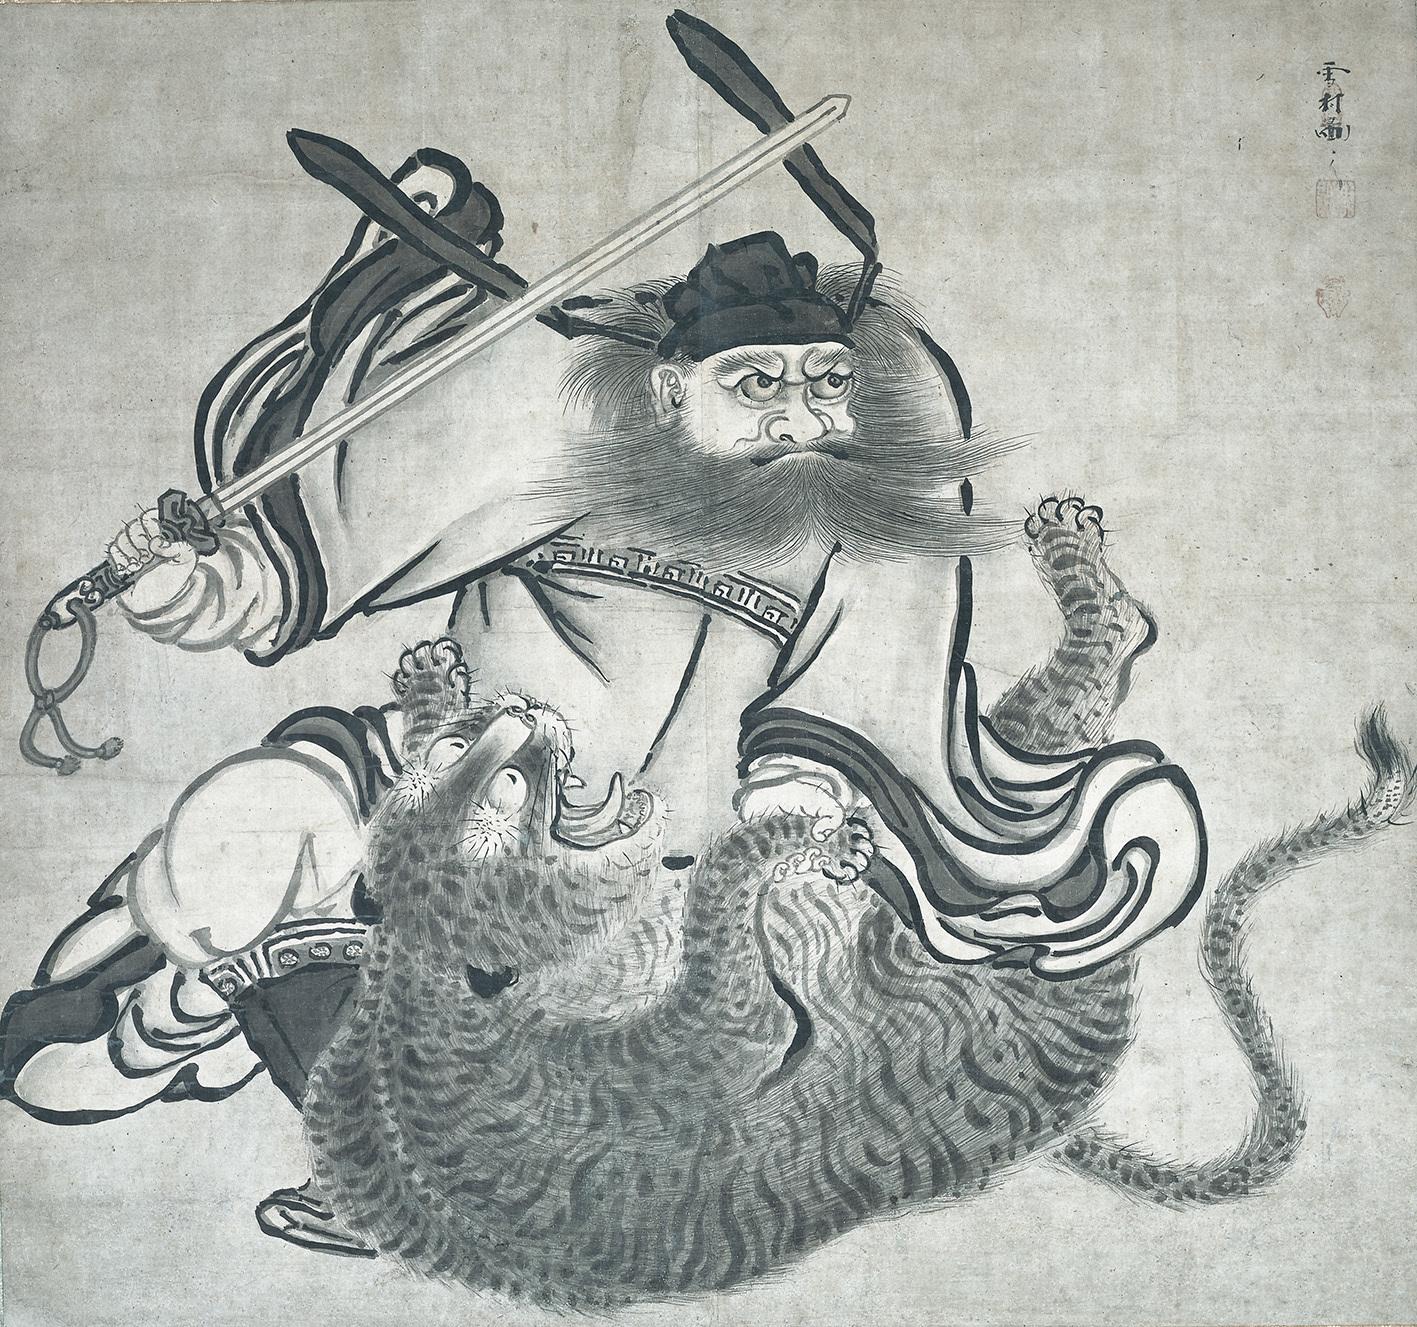 雪村筆 《鍾馗図》 1幅 100.2×106.7cm 個人蔵 【展示期間:4月25日~5月21日】